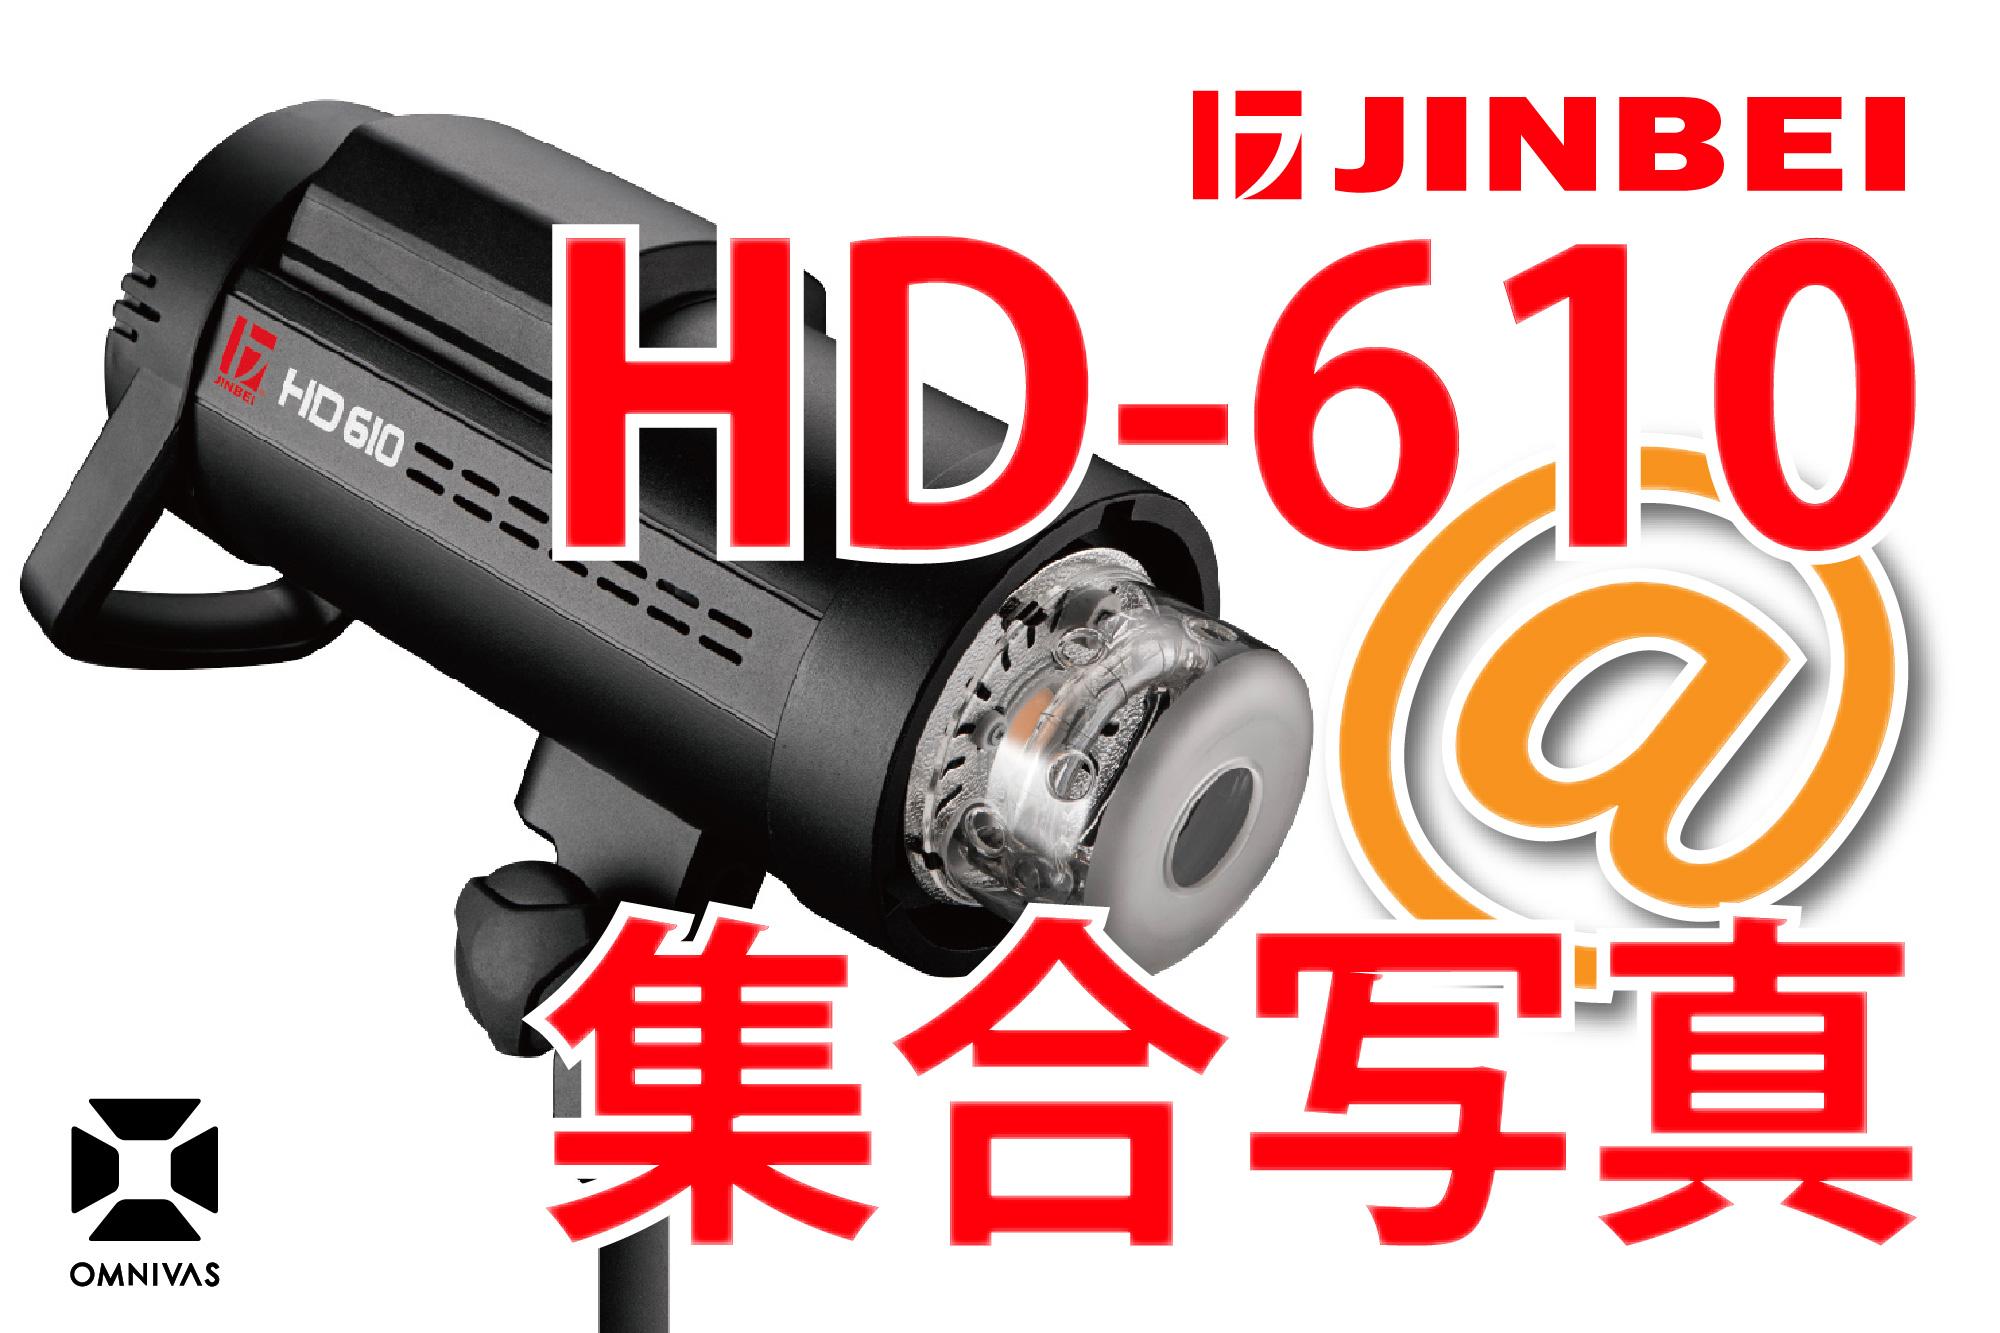 【お仕事向け情報】集合写真で使える?HD-610の事例実例【クリップオンストロボ比も】